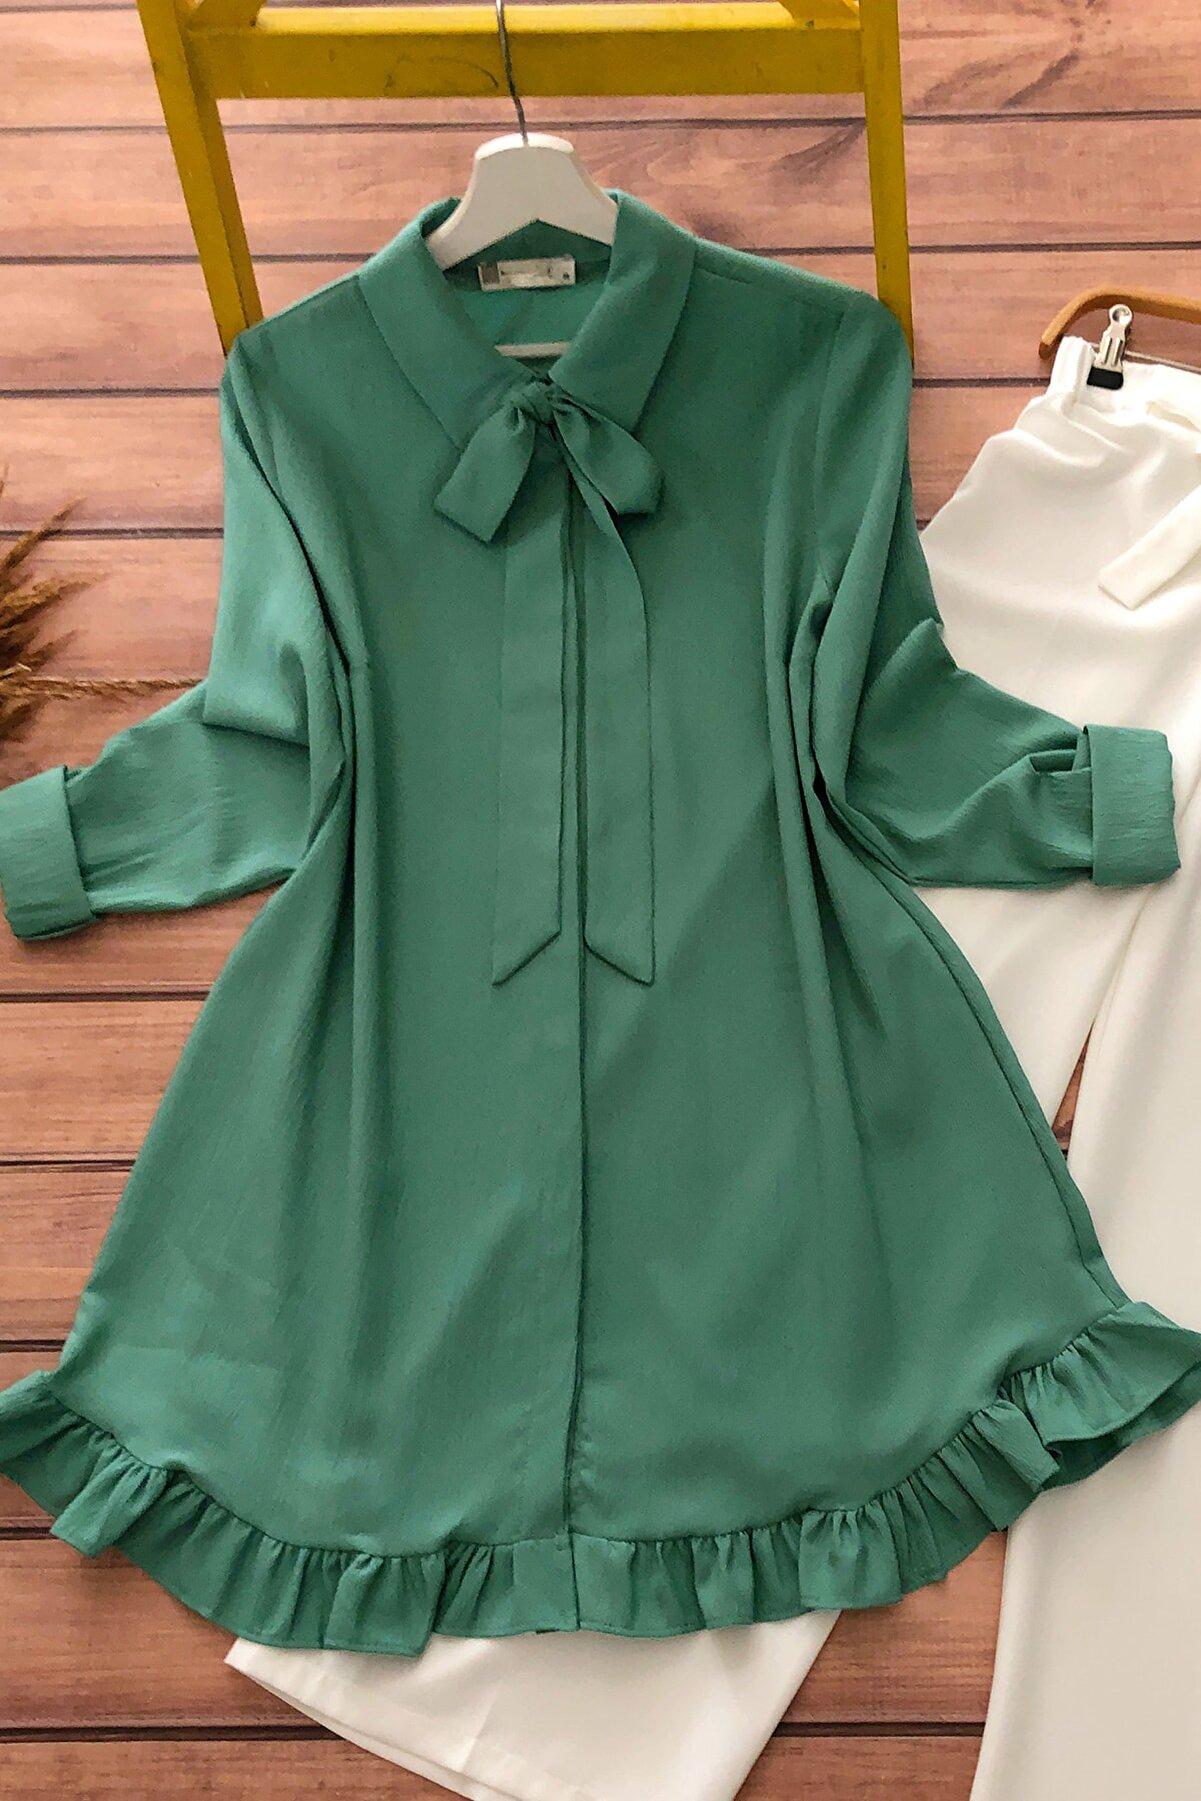 MODAQU Kadın Yeşil Fırfırlı Tunik Mq3989